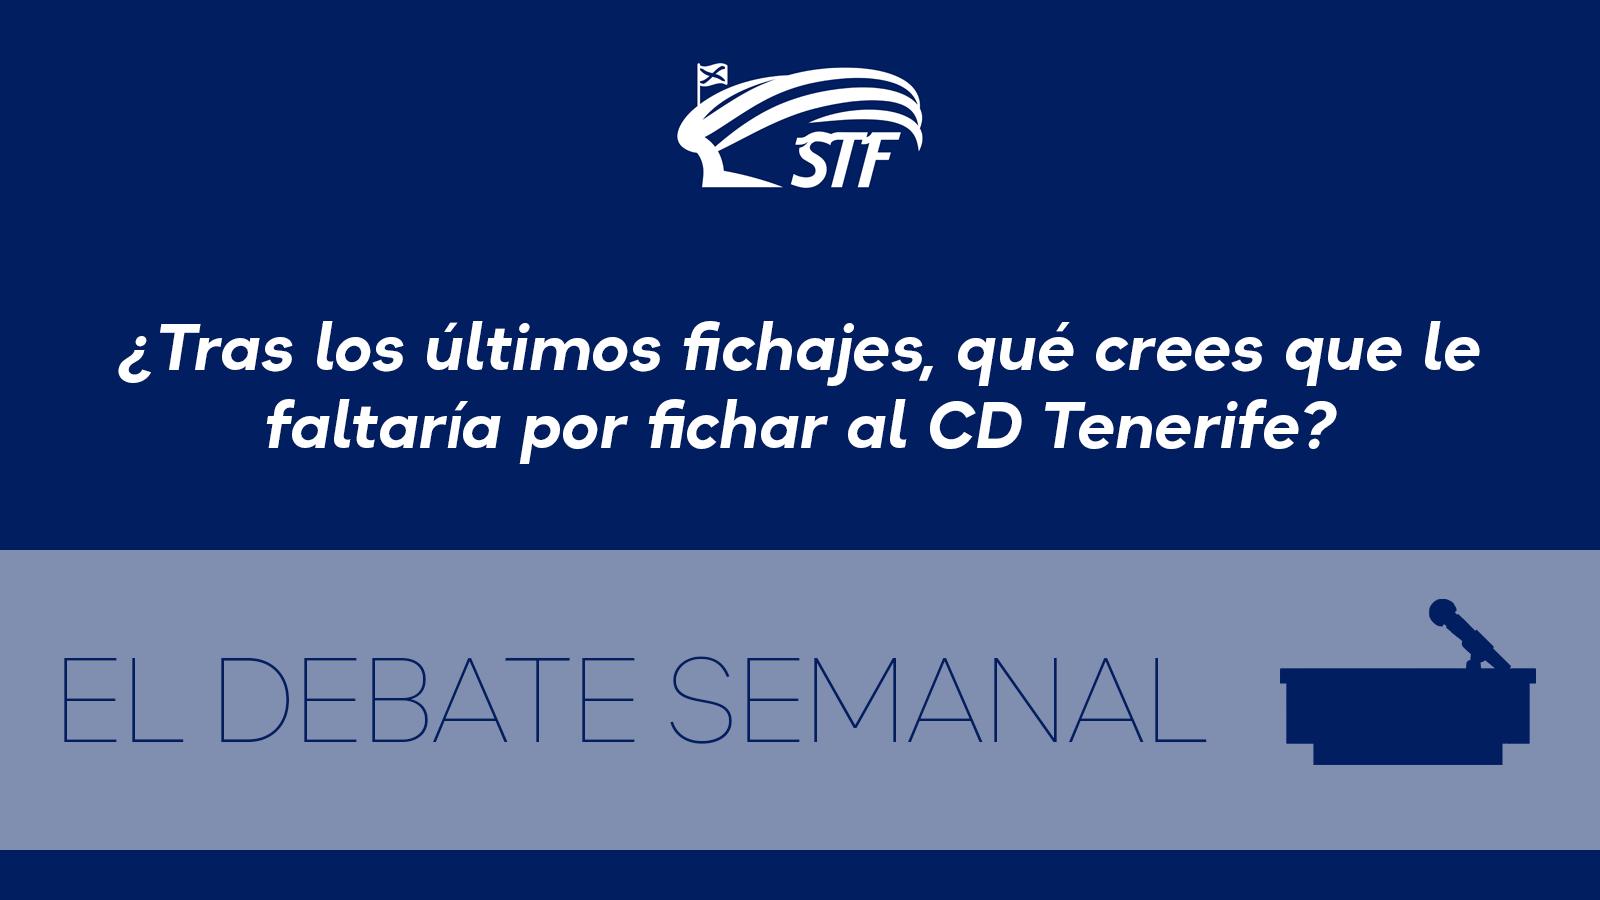 El Debate Semanal: ¿Qué crees que le faltaría por fichar al CD Tenerife? Un delantero (15), un central (9) y un portero (3)